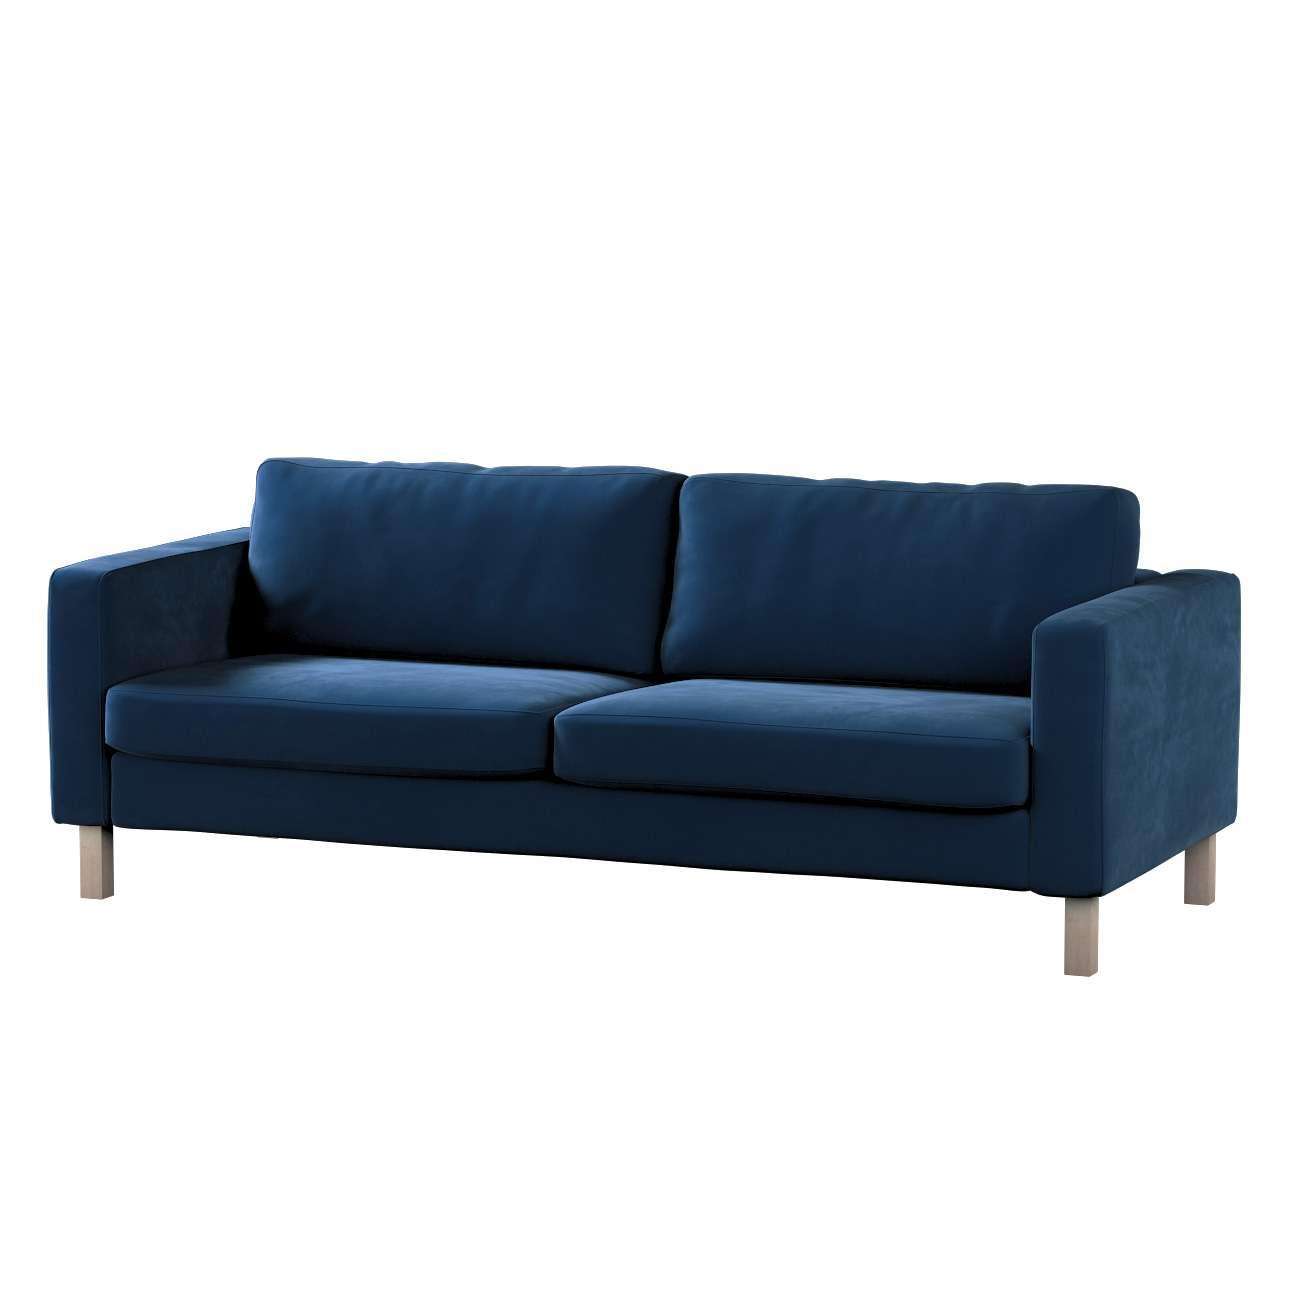 Karlstad klädsel<br>3-pers. soffa - kort - 204cm i kollektionen Velvet, Tyg: 704-29